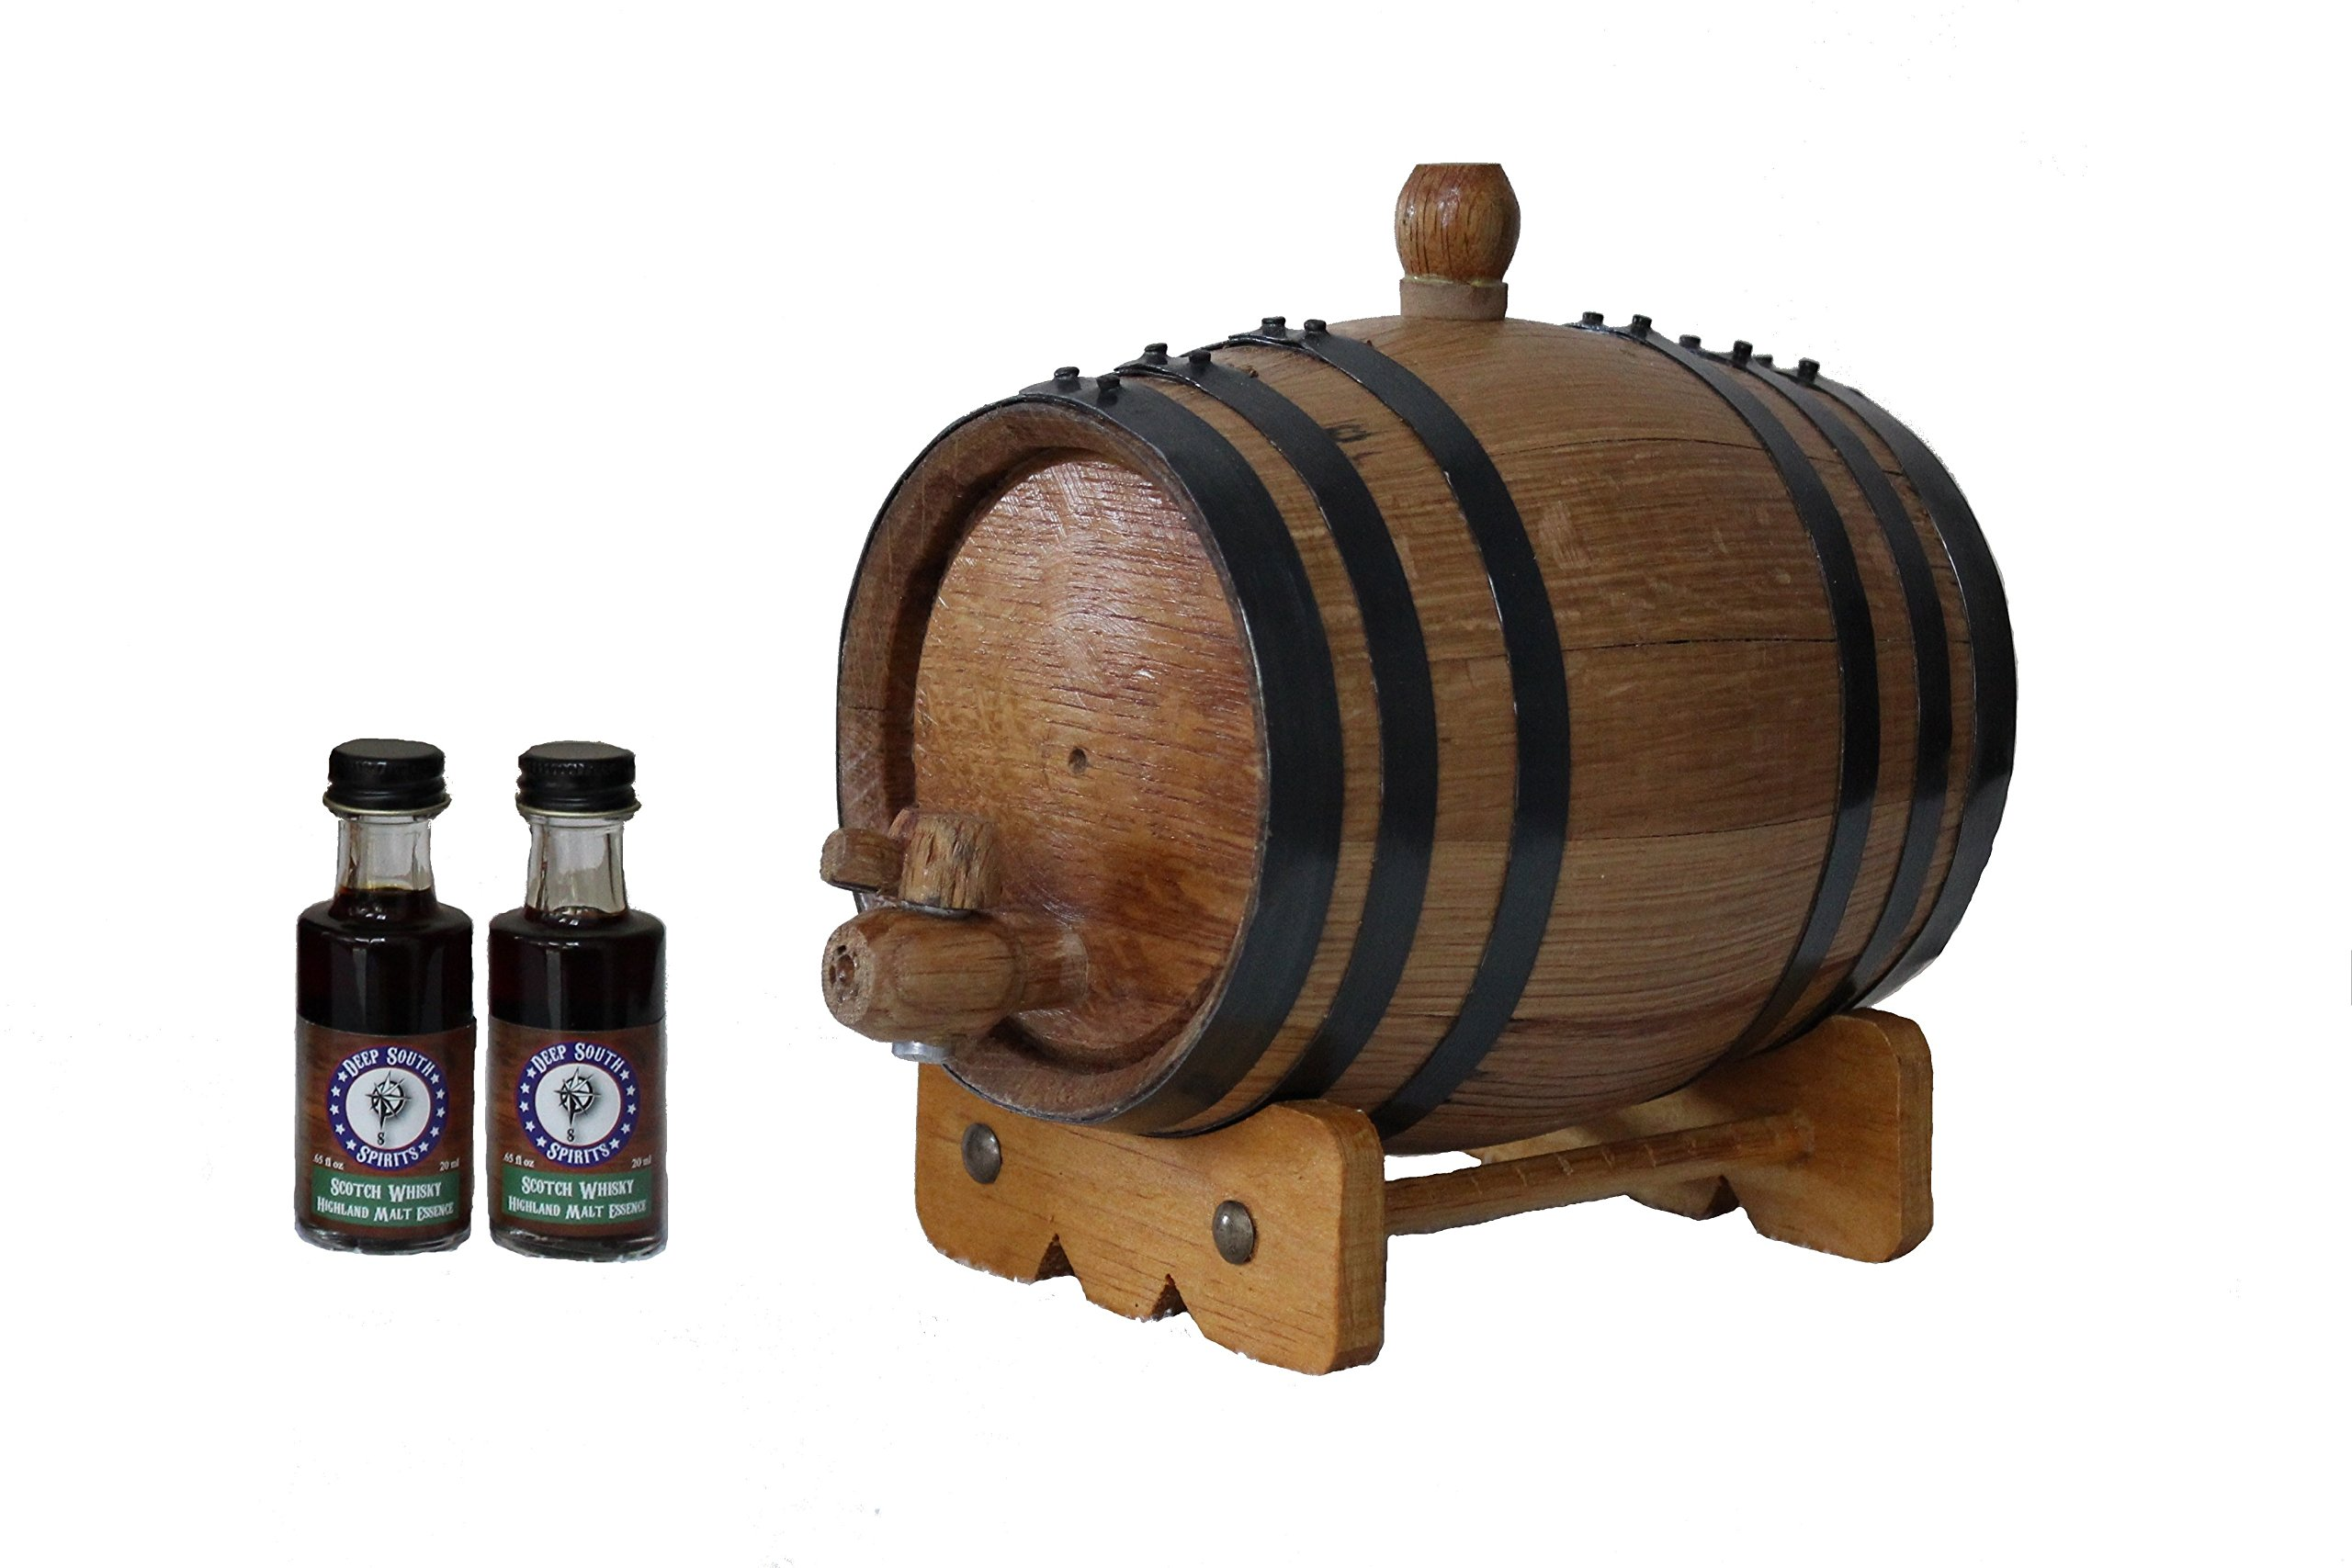 1-Liter American White Oak Barrel Whiskey Kit